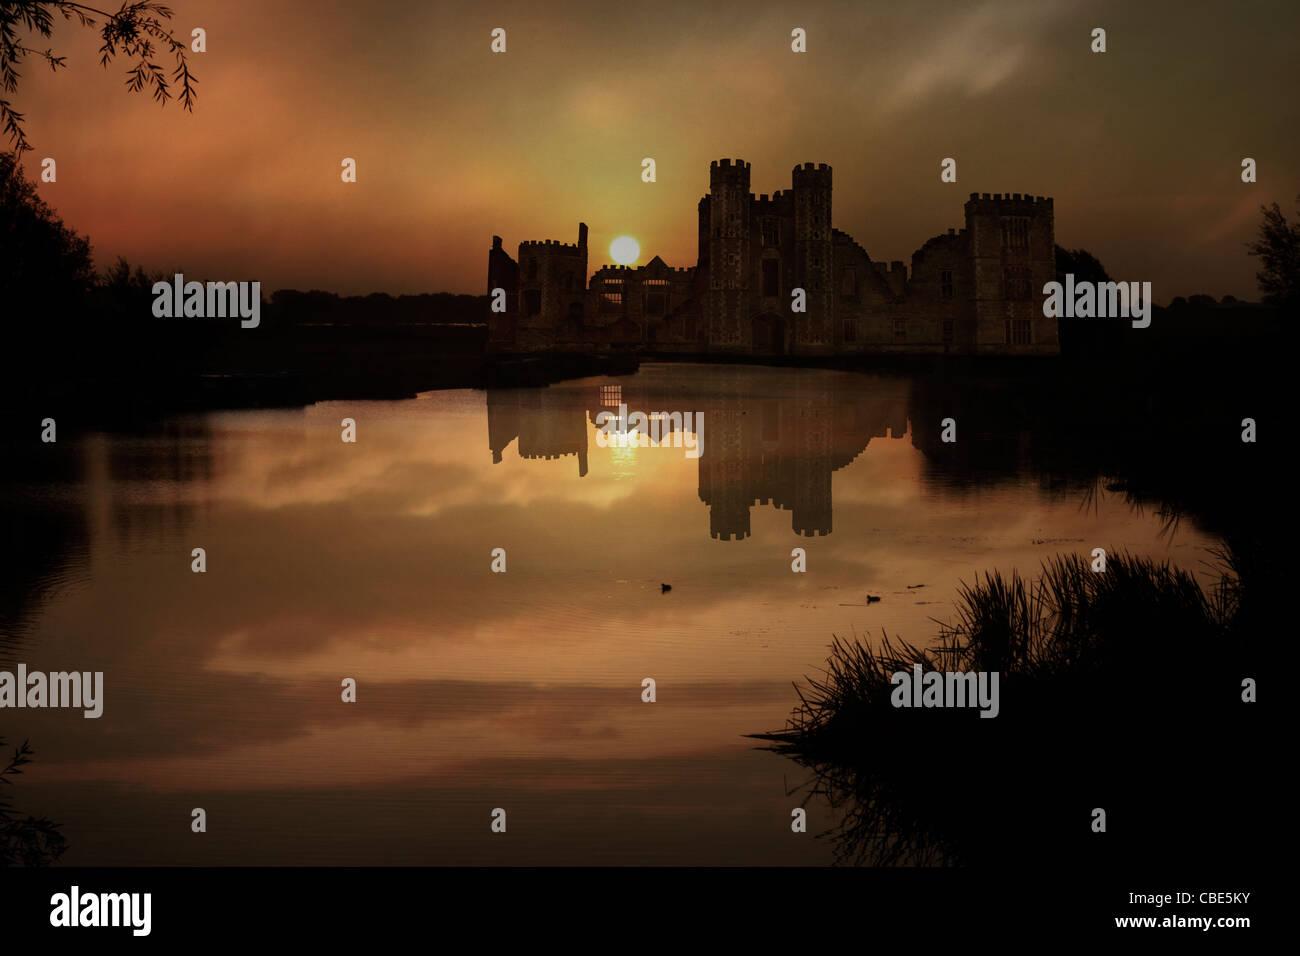 Castle Ruin On Large Lake At Sunrise - Stock Image